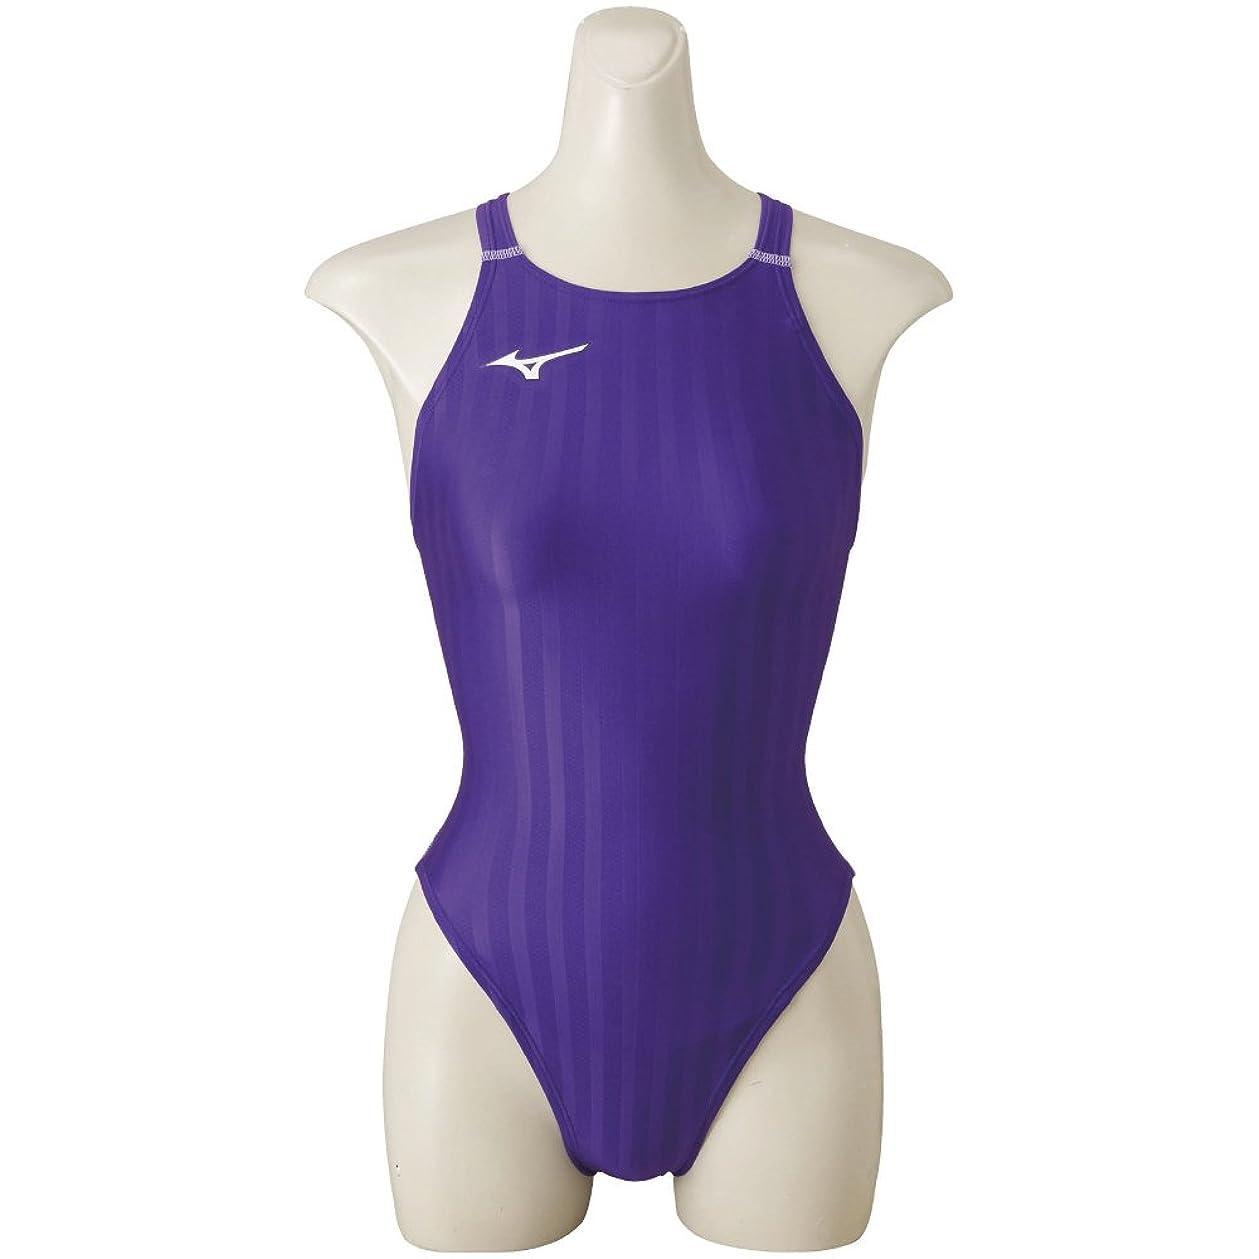 コンデンサー恨み整然としたMIZUNO(ミズノ) レース用競泳水着 ジュニア ストリームアクセラ 120~140 サイズ ミディアムカット FINA承認 N2MA8422